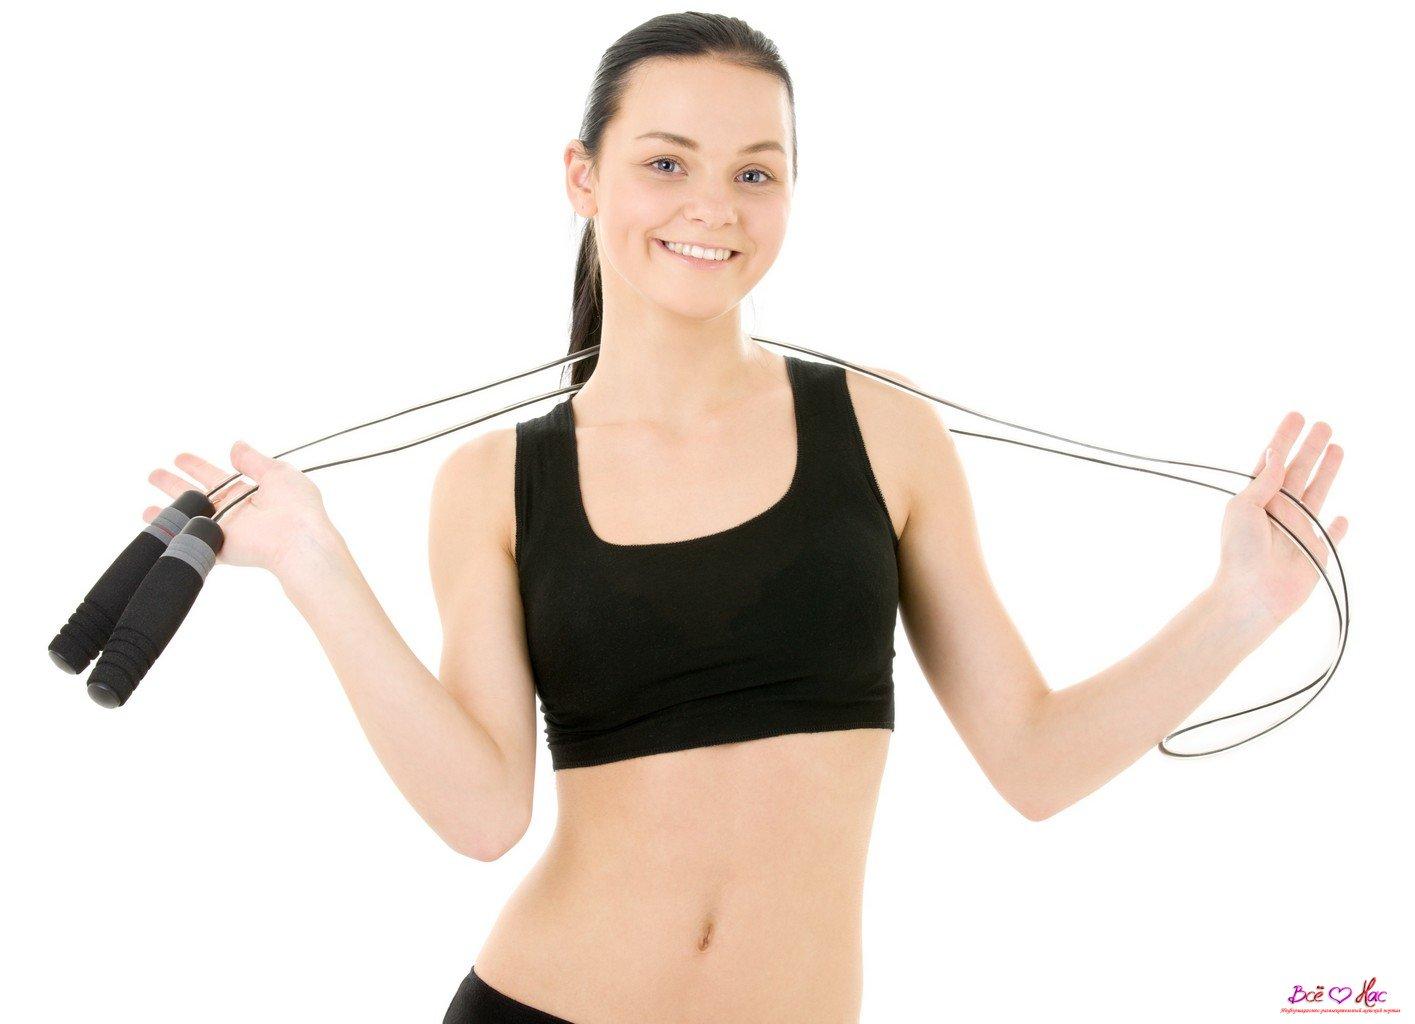 Как мне похудеть с помощью спорта